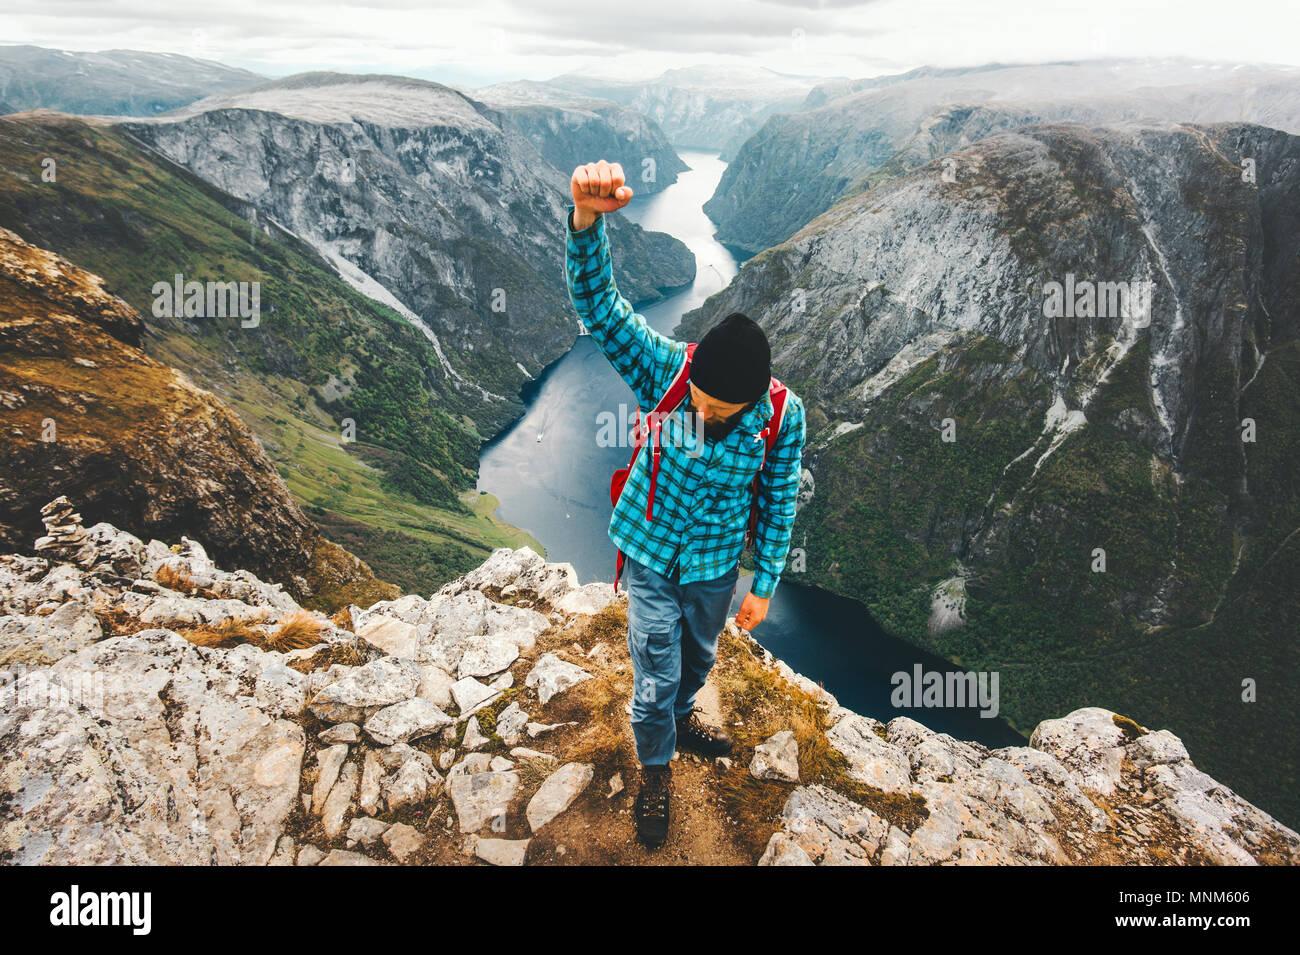 Heureux homme voyageant dans les montagnes de la Norvège de vie actif escapade de fin de vacances d'aventure concept gagnant succès paysage vue aérienne Photo Stock